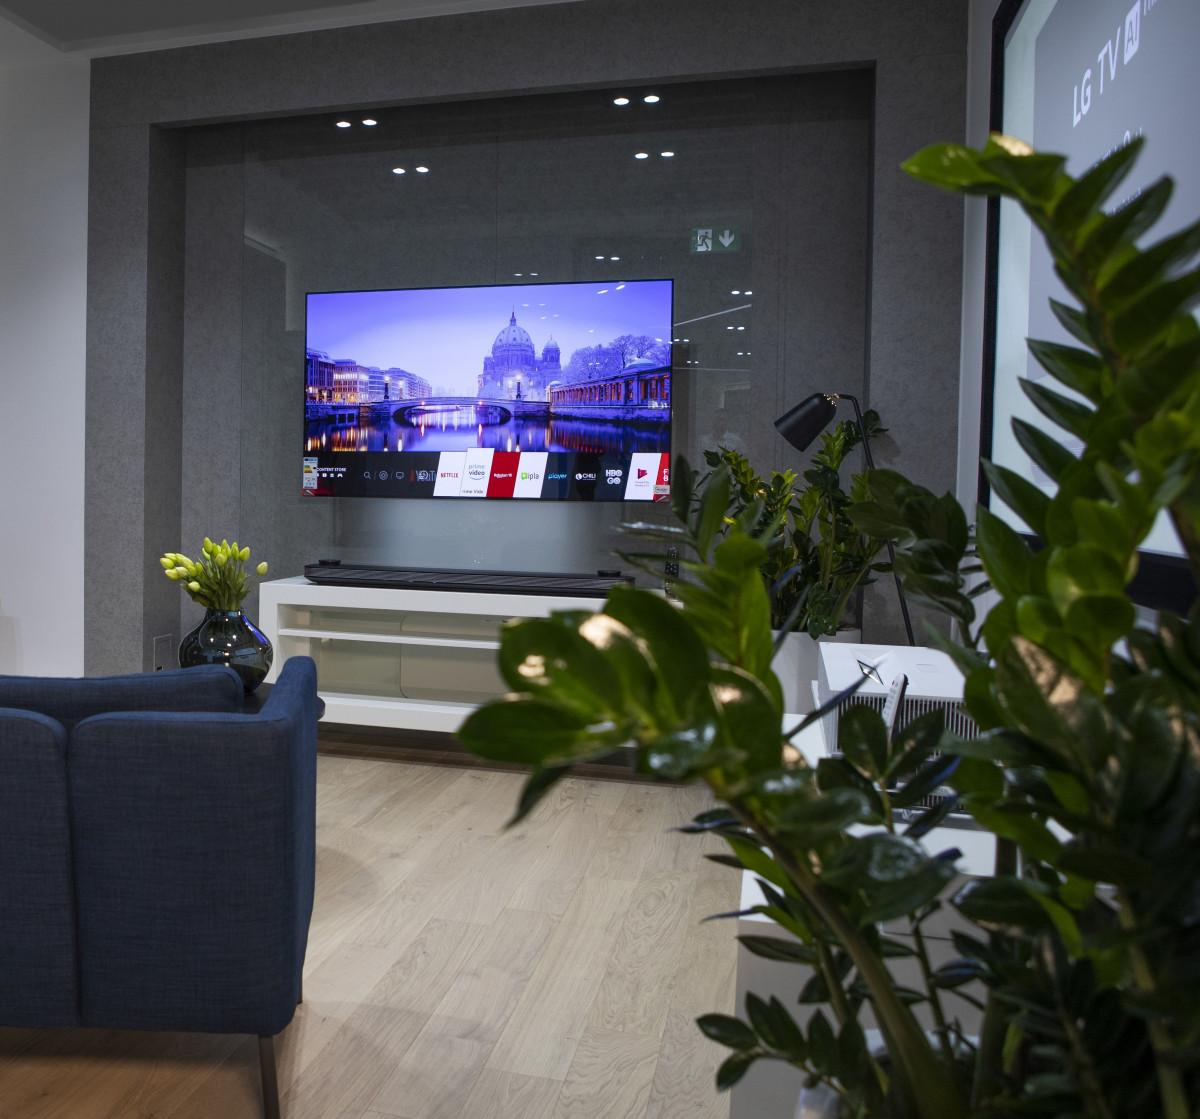 LG готова к DVB-T2 - узнайте, что вам нужно знать о новом стандарте